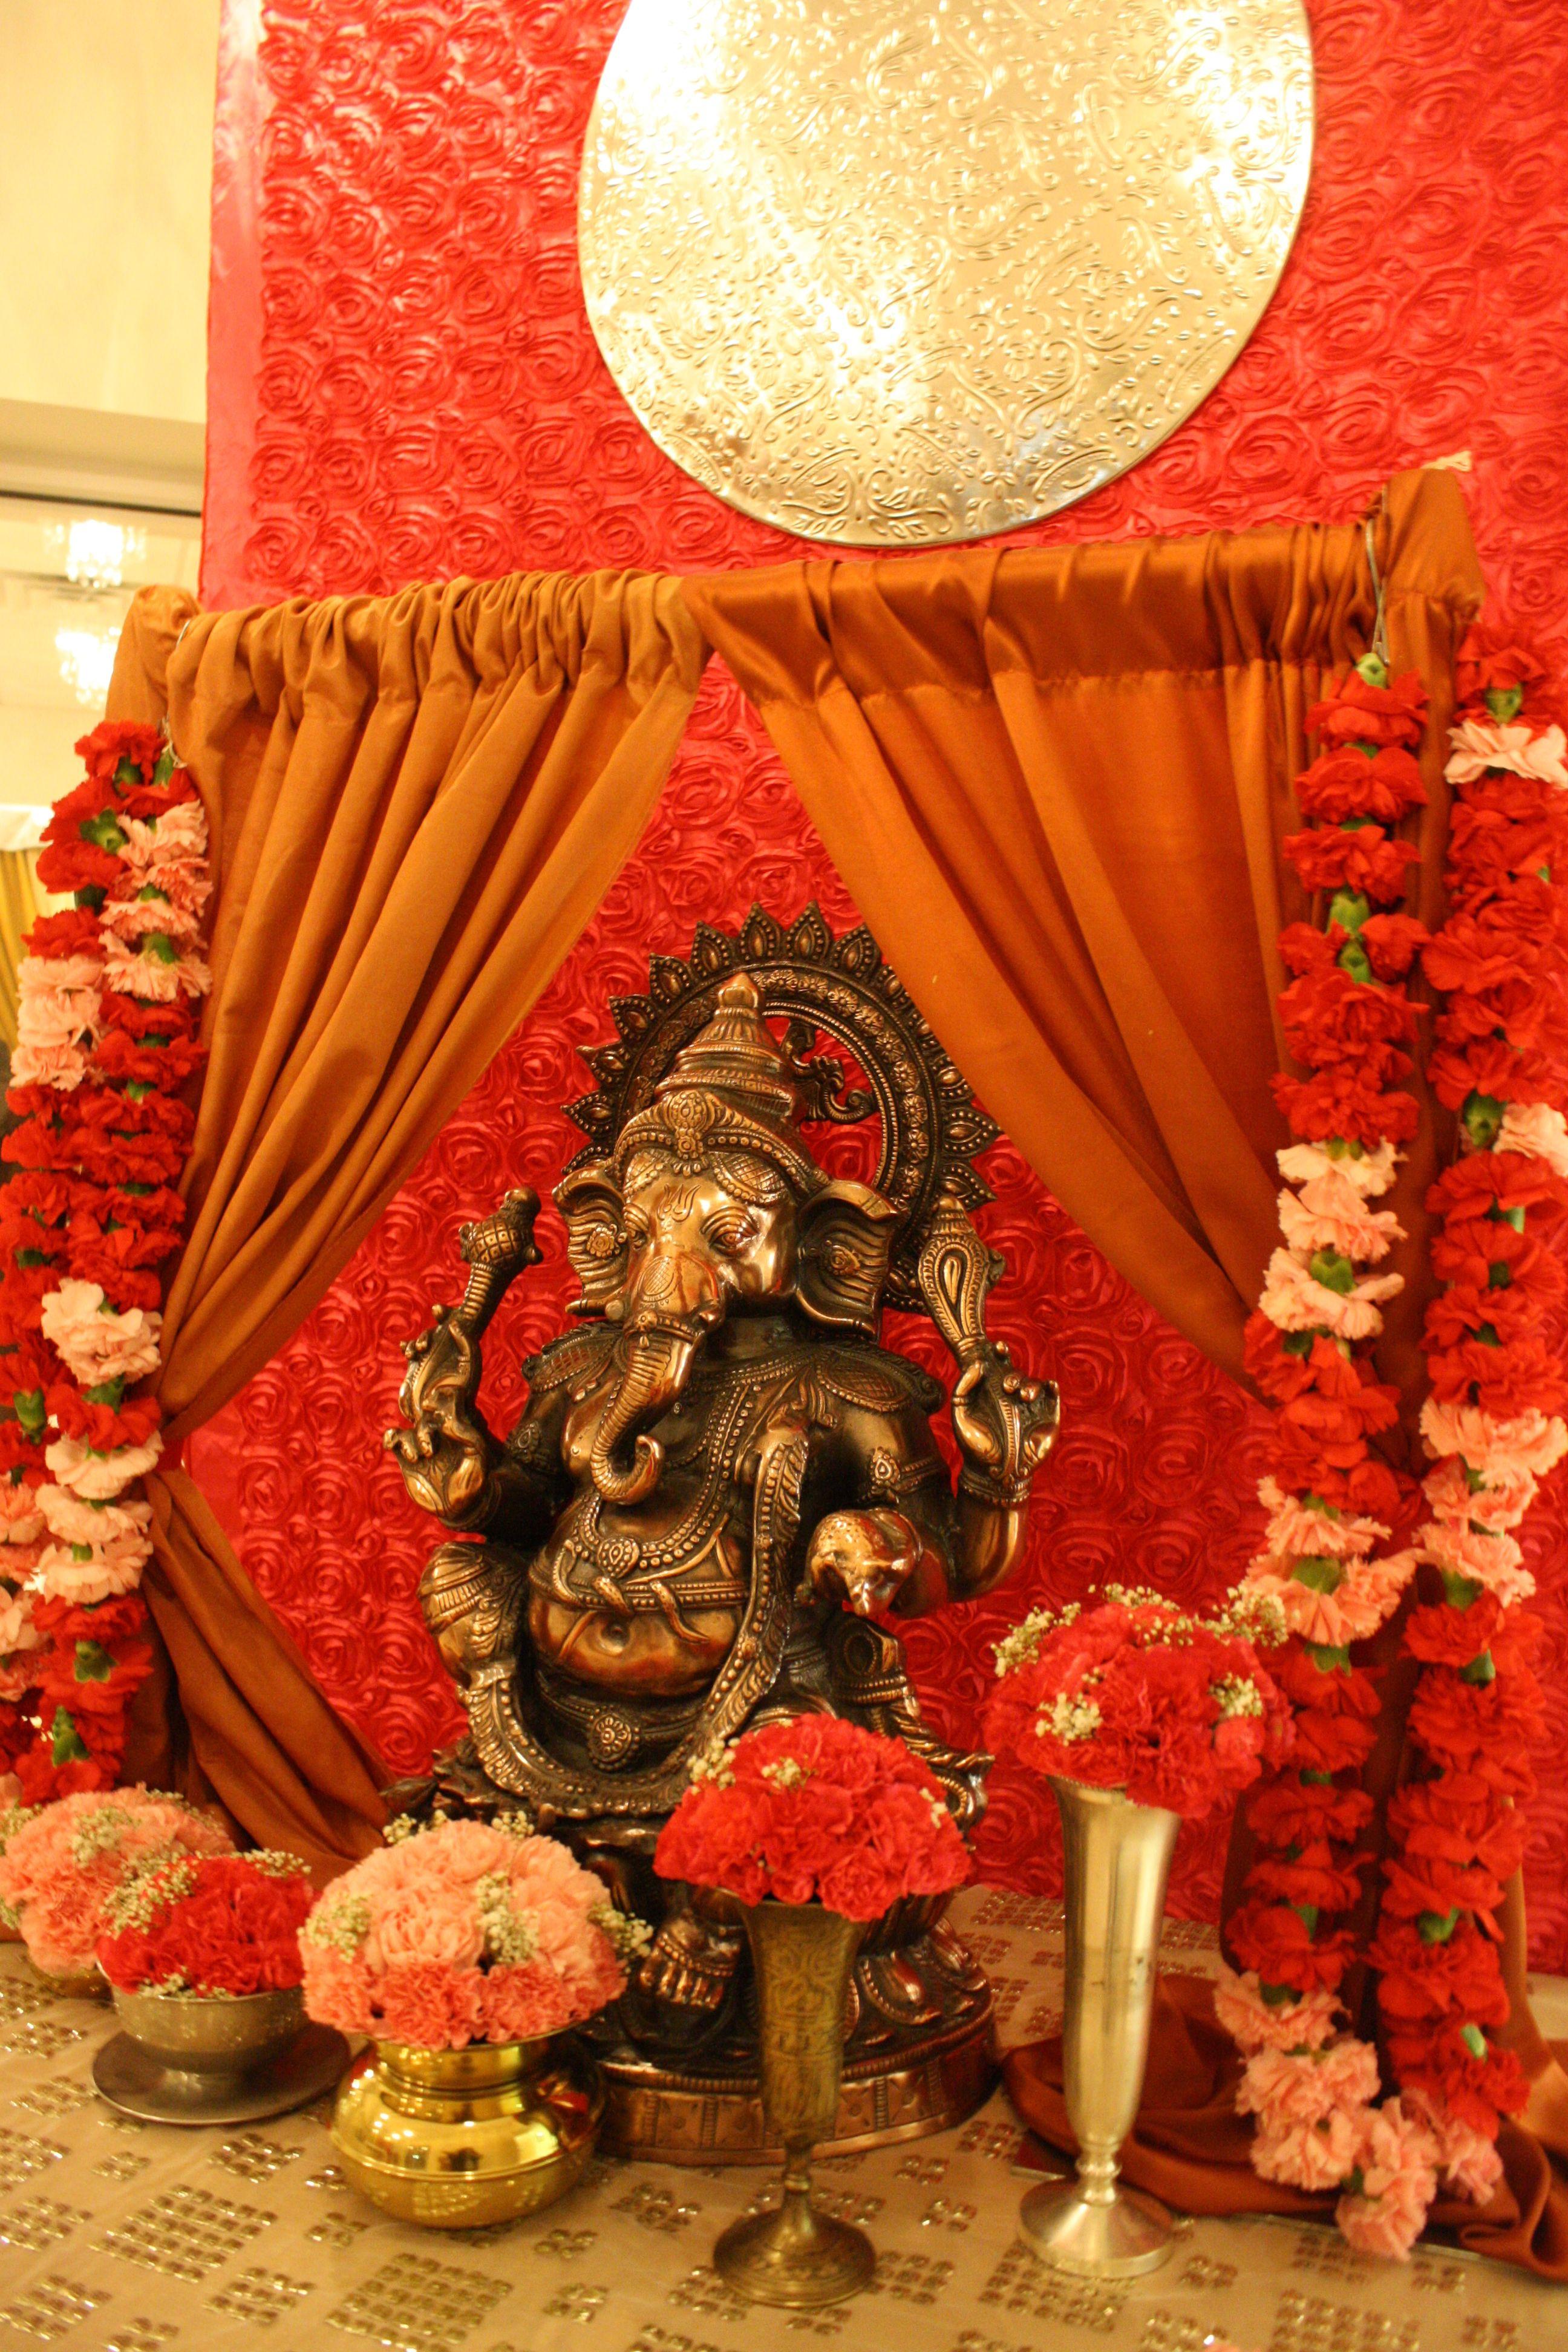 Ganesh welcome table Indian weddings wwwlaxstatescom Indian